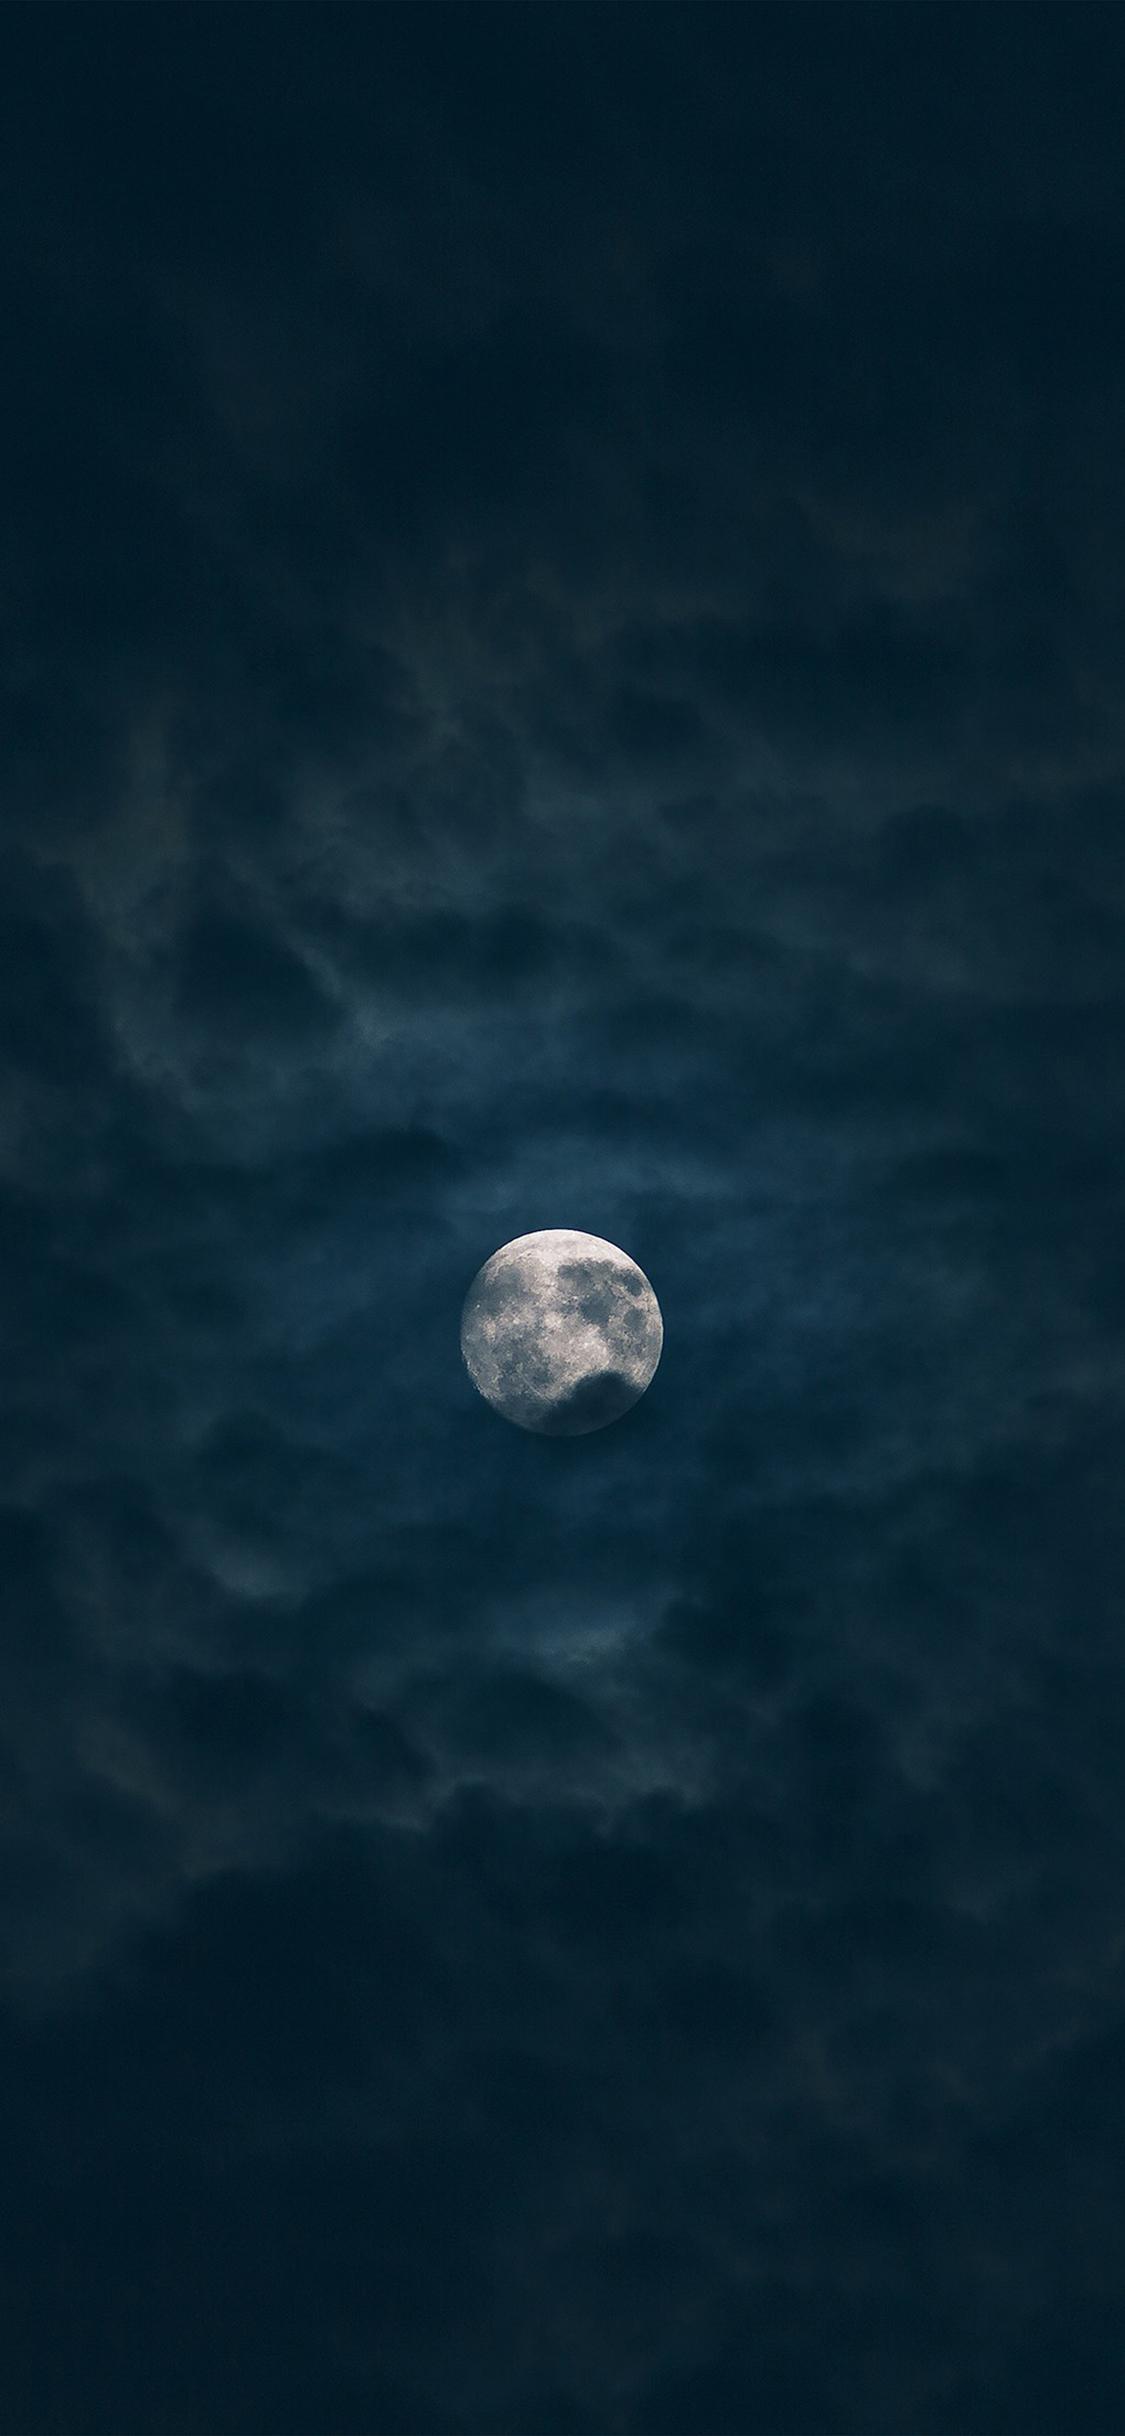 月圆 月亮 夜晚 云层